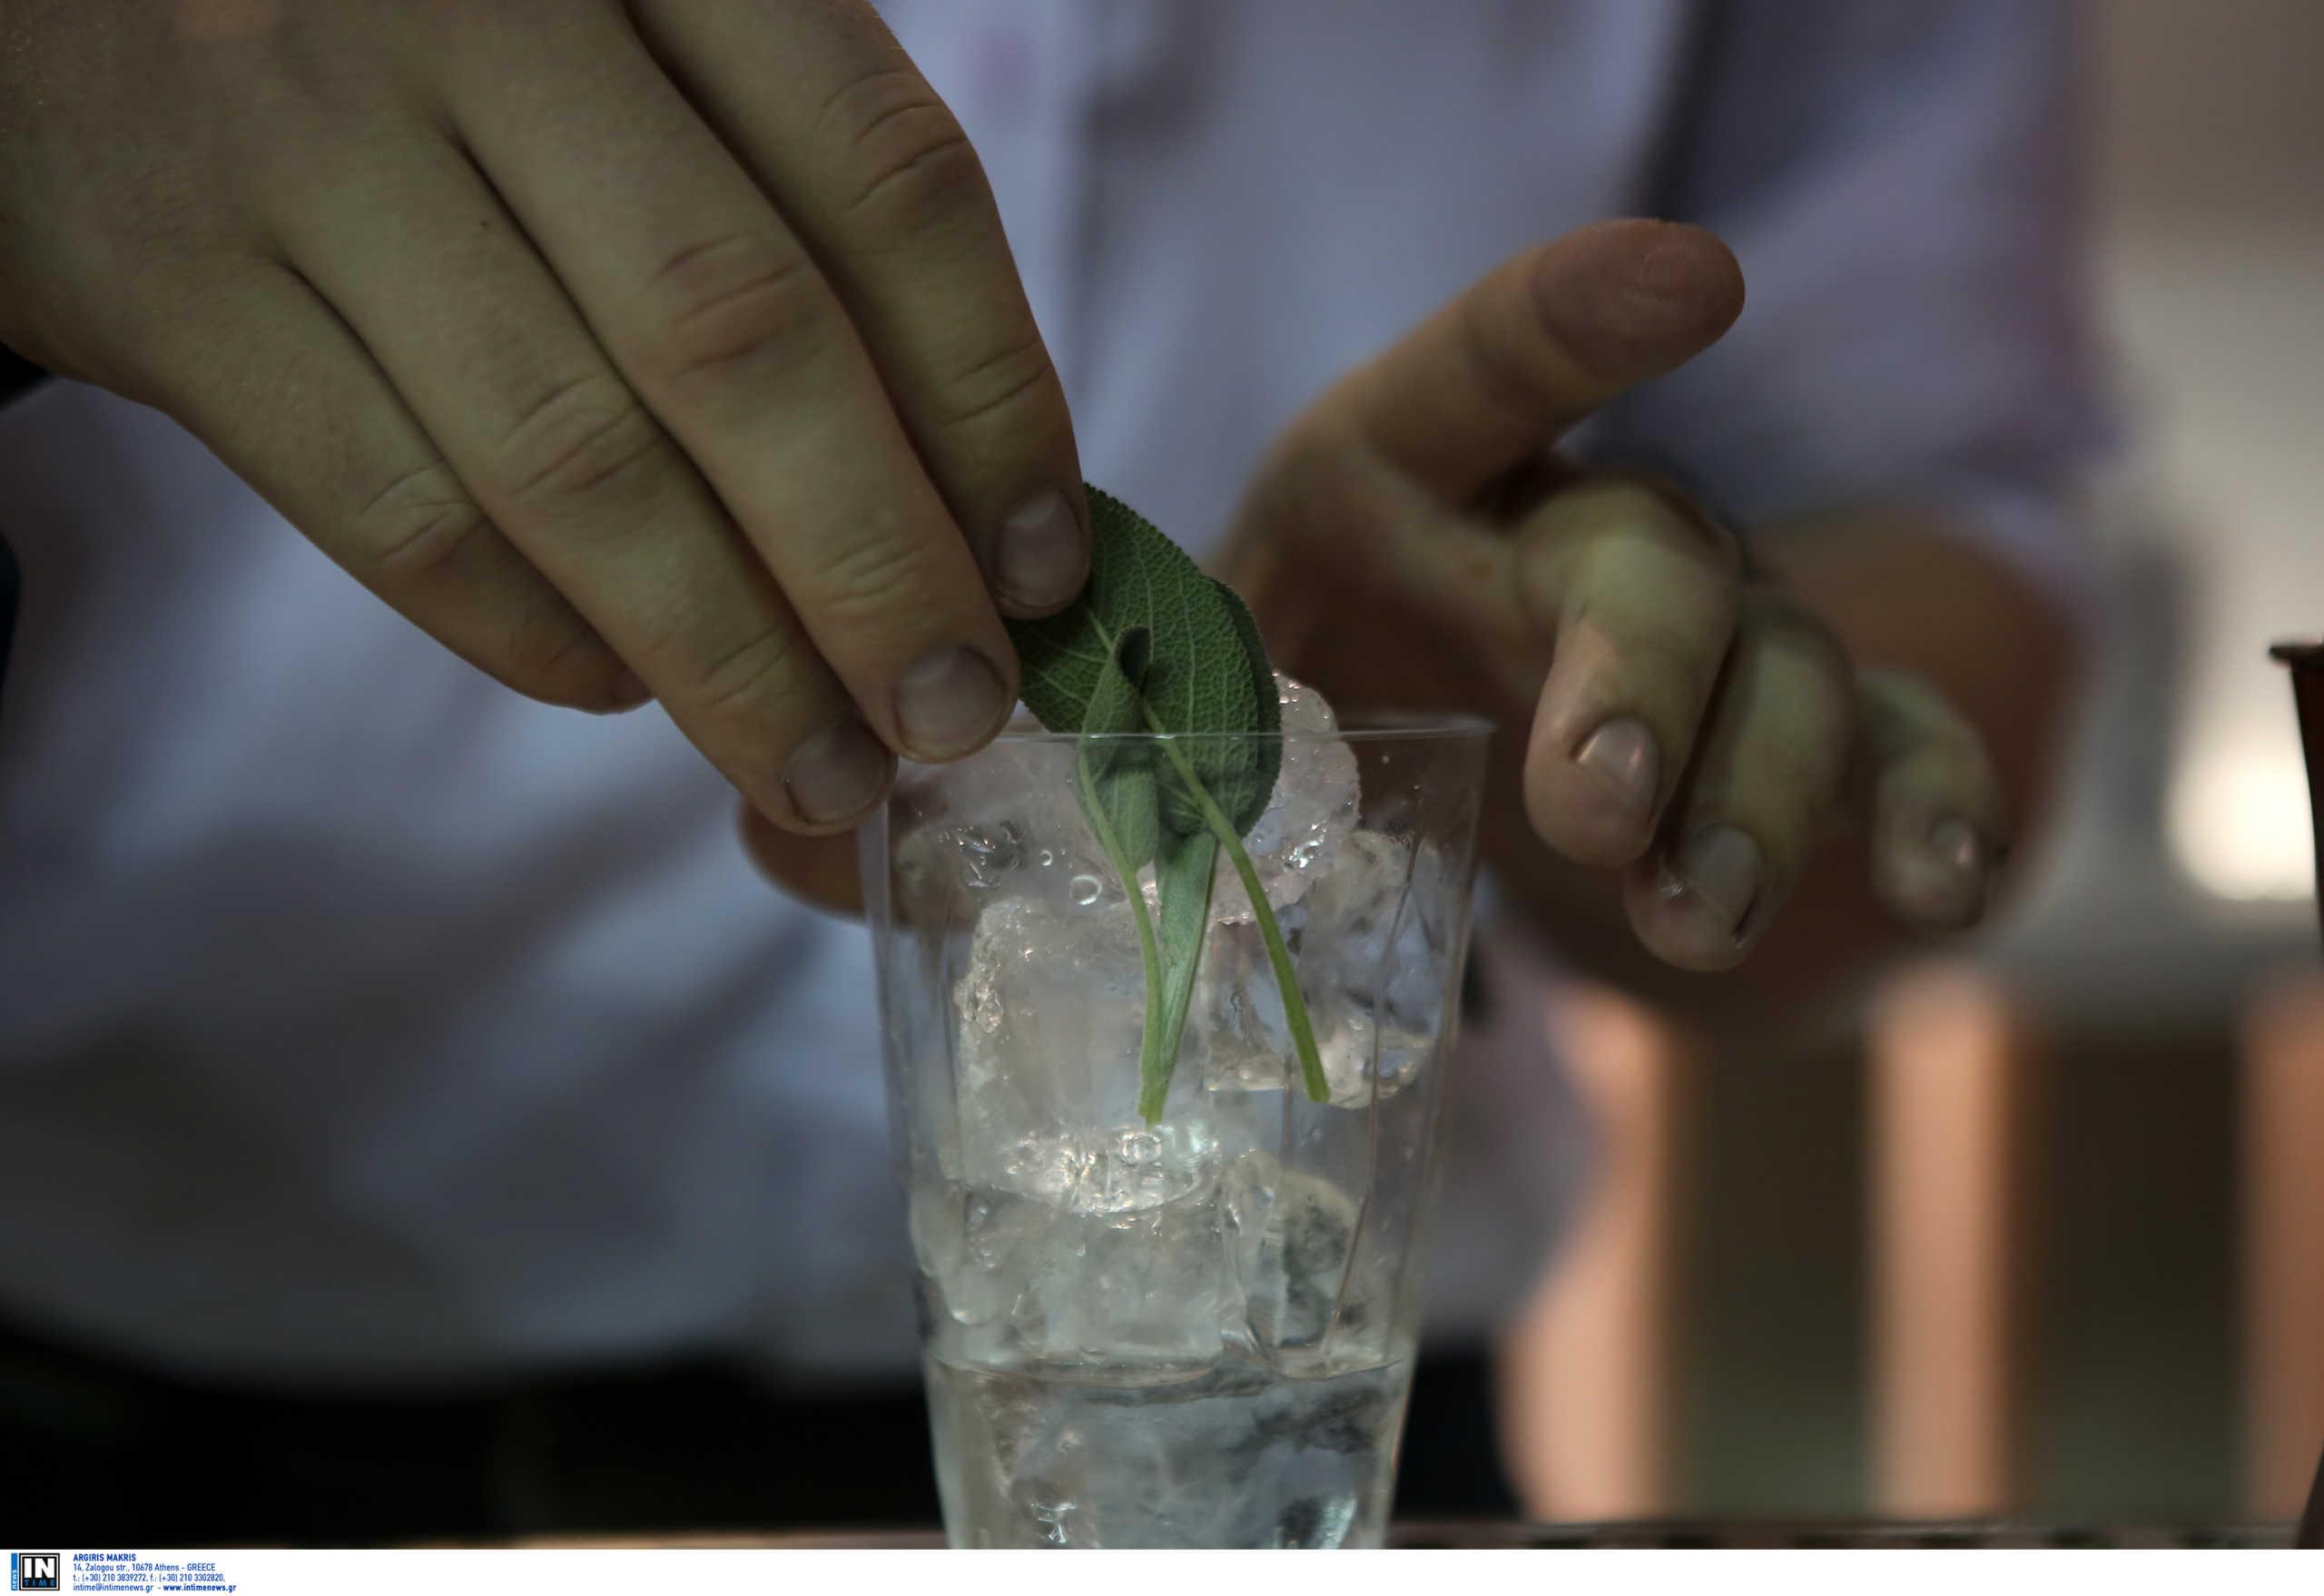 Ρόδος – Κορονοϊός: Beach party 70 ατόμων με αλκοόλ και συλλήψεις! Προκλητική η αδιαφορία τους